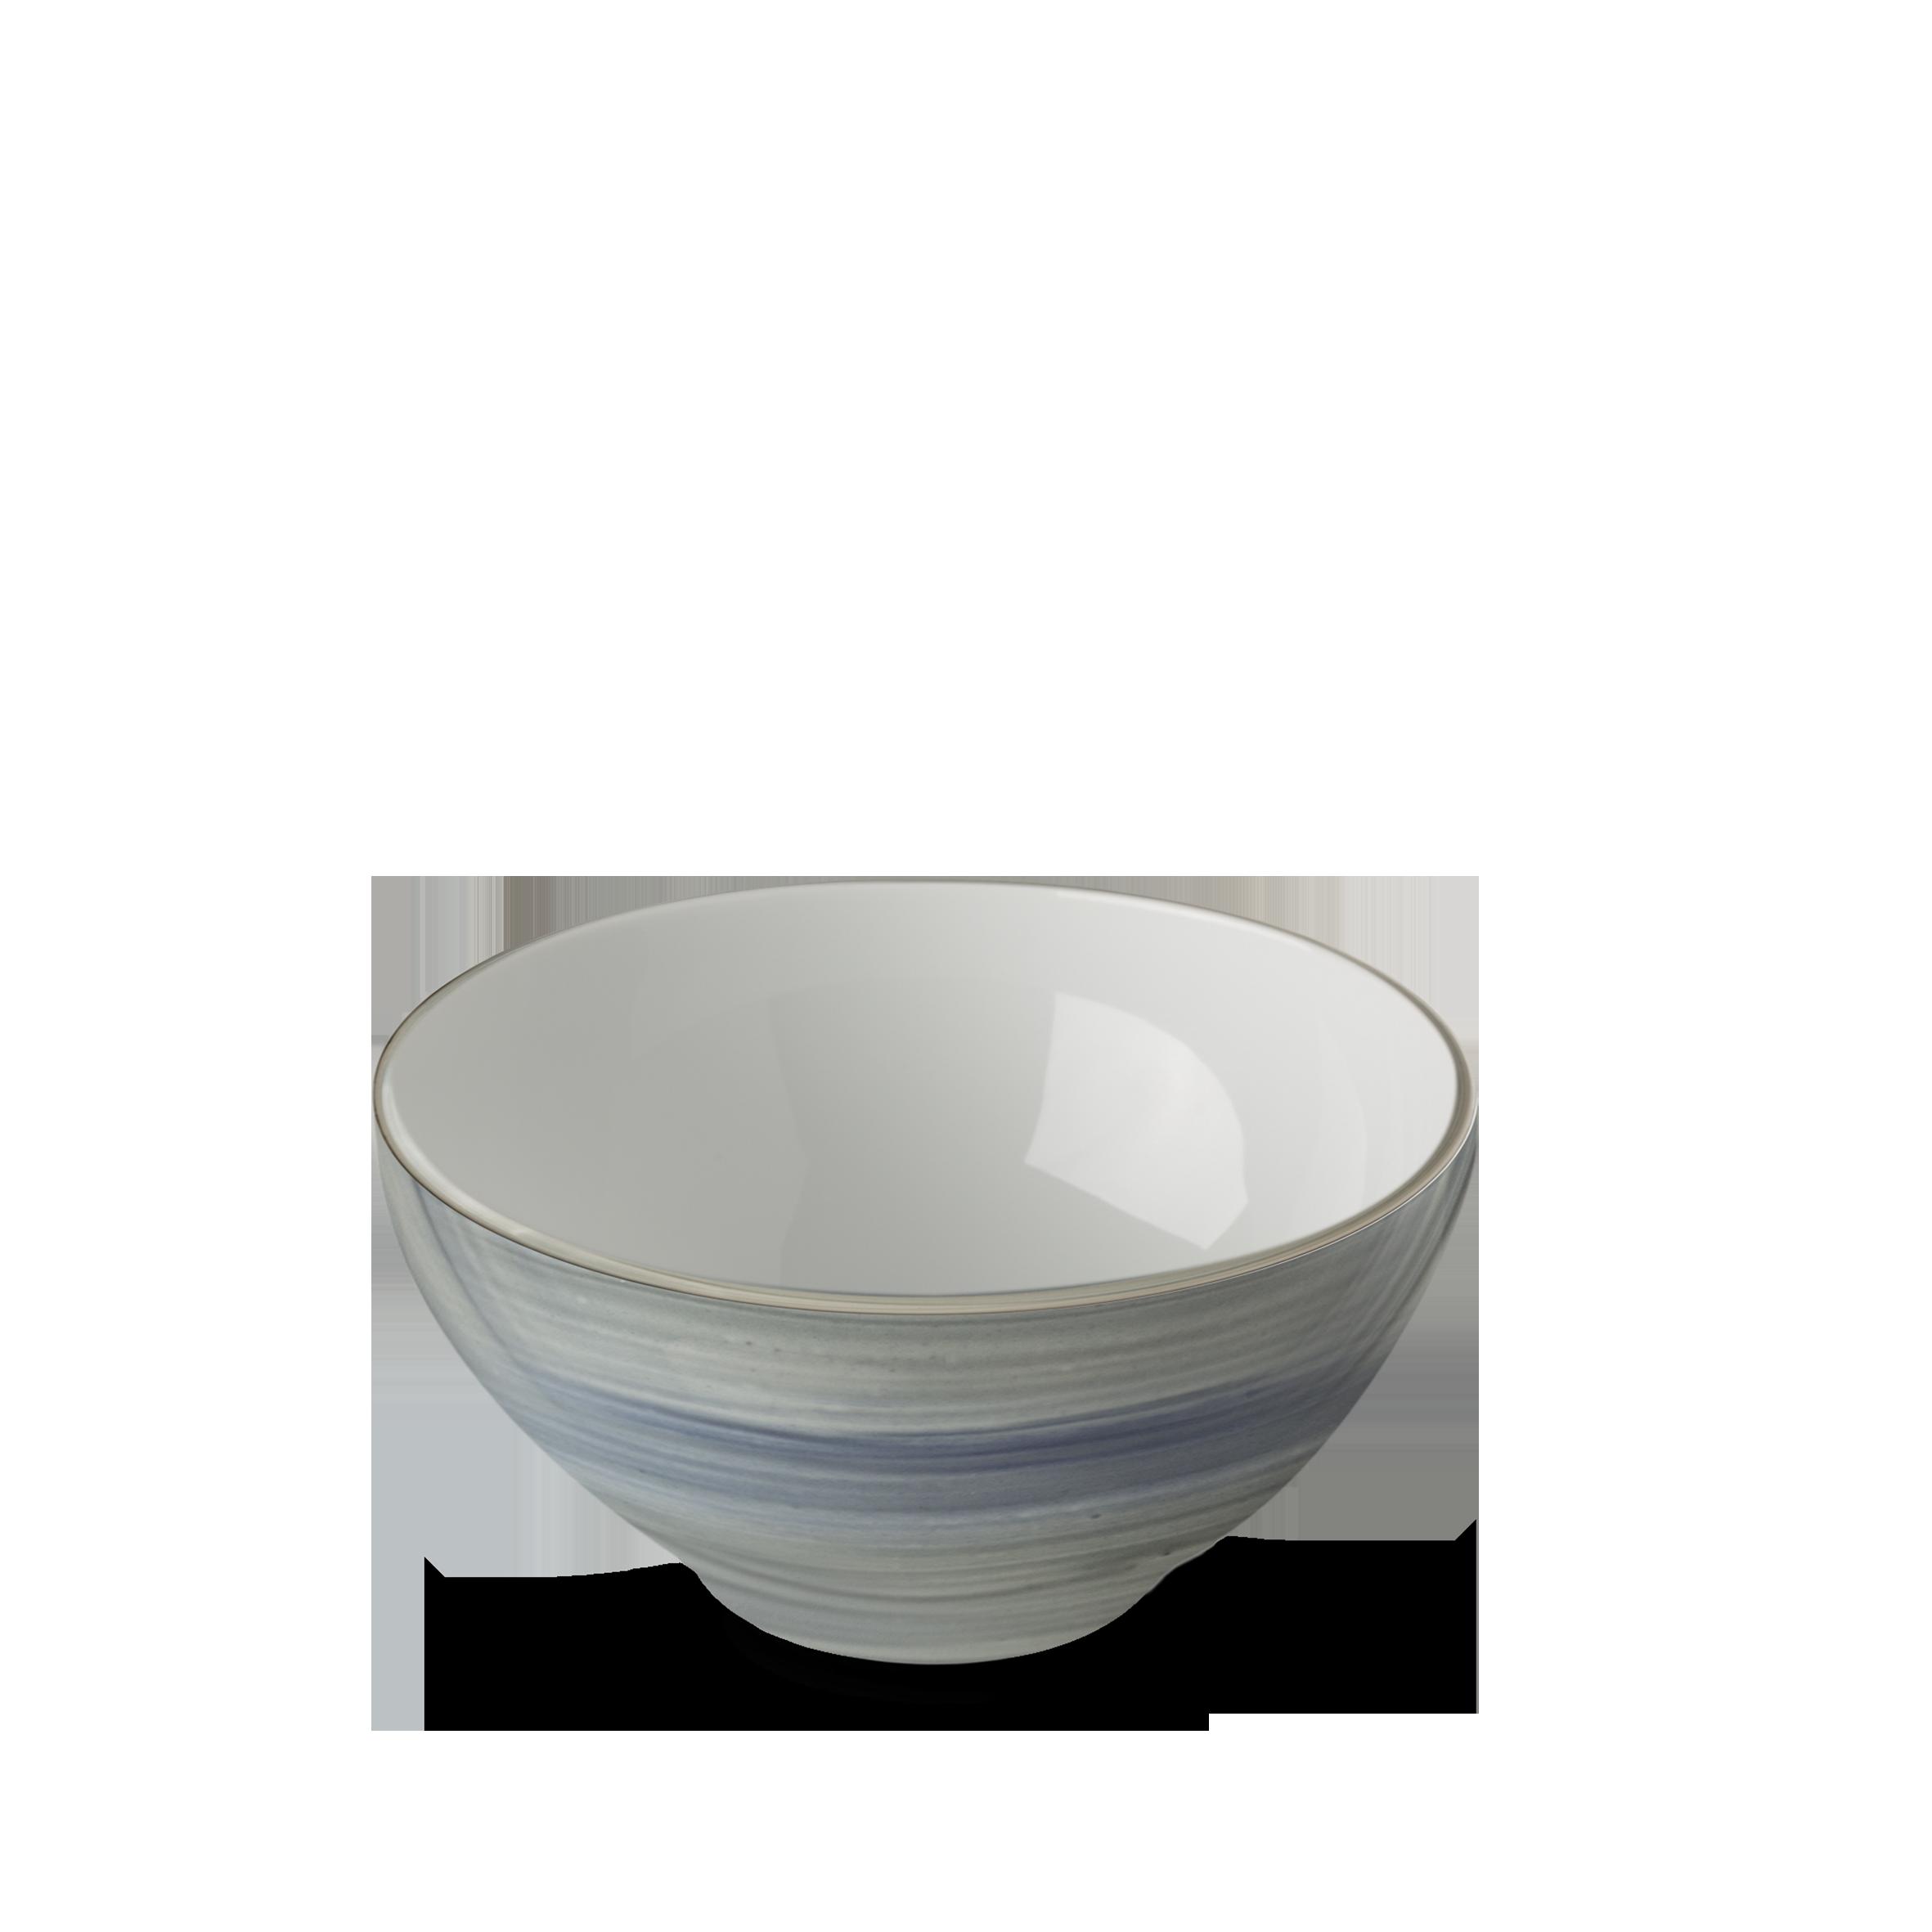 salatnik-isabelle-saturn-x9100-16-sm-g-benedikt